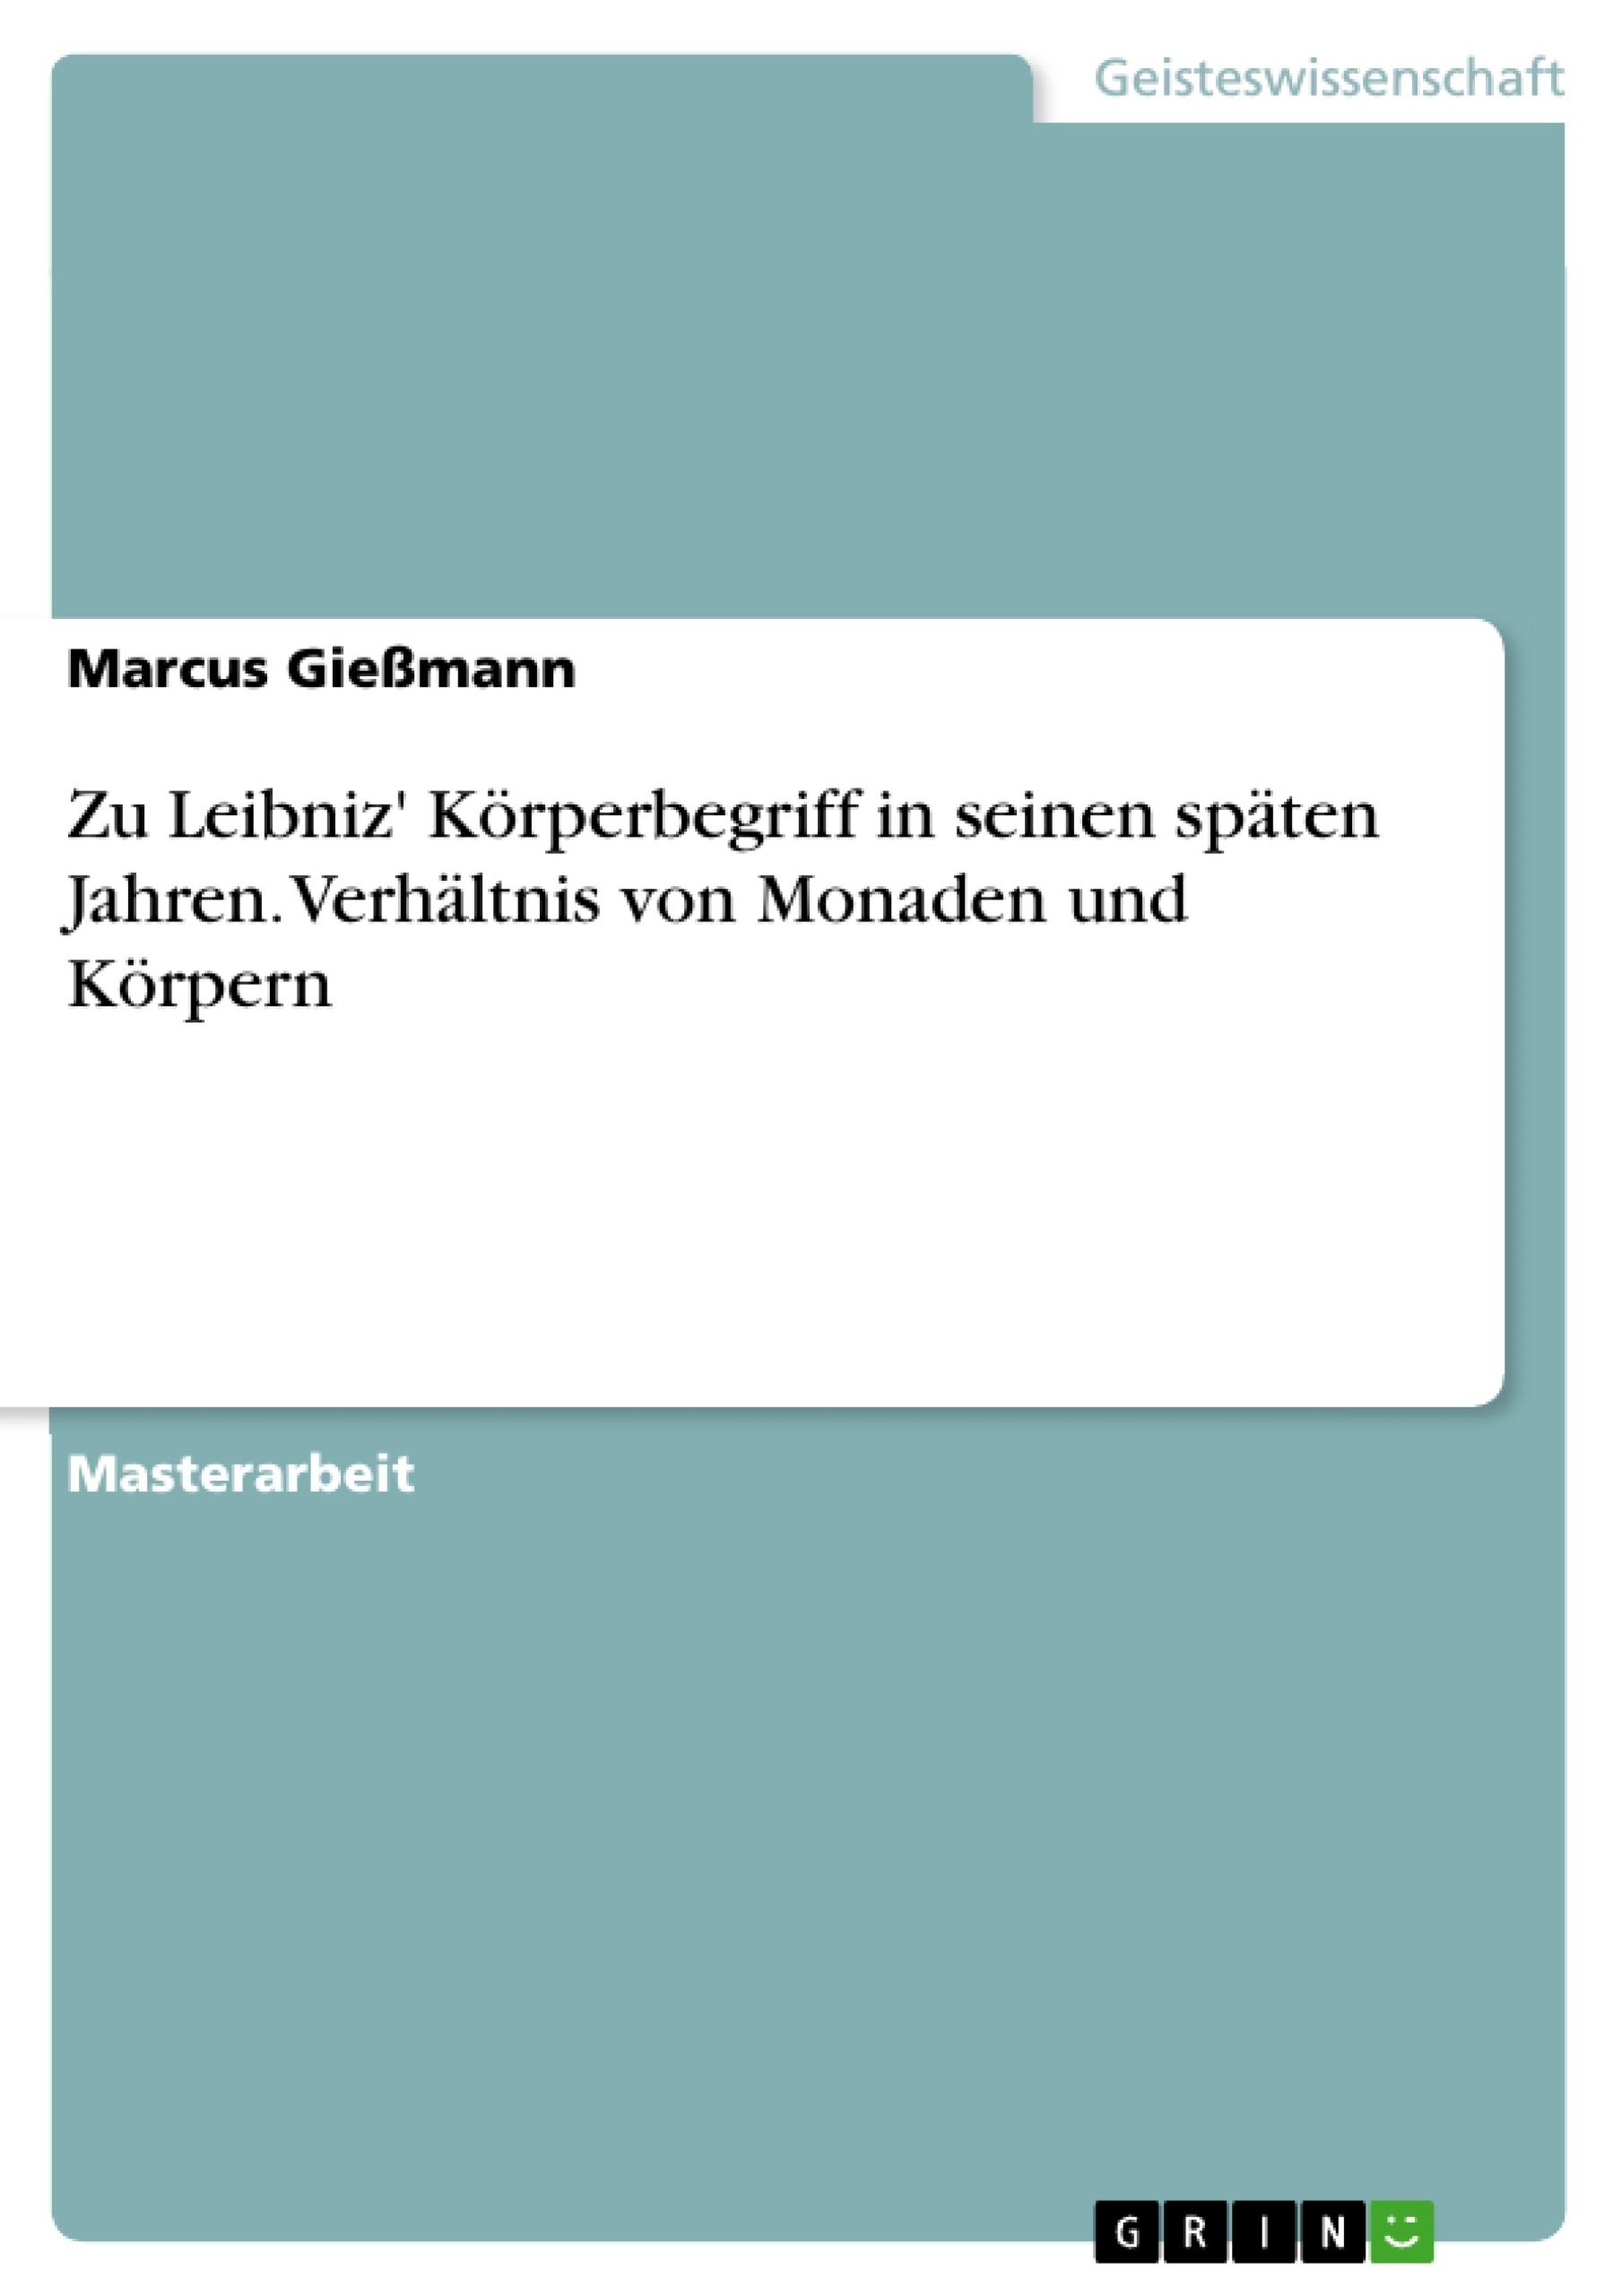 Titel: Zu Leibniz' Körperbegriff in seinen späten Jahren. Verhältnis von Monaden und Körpern